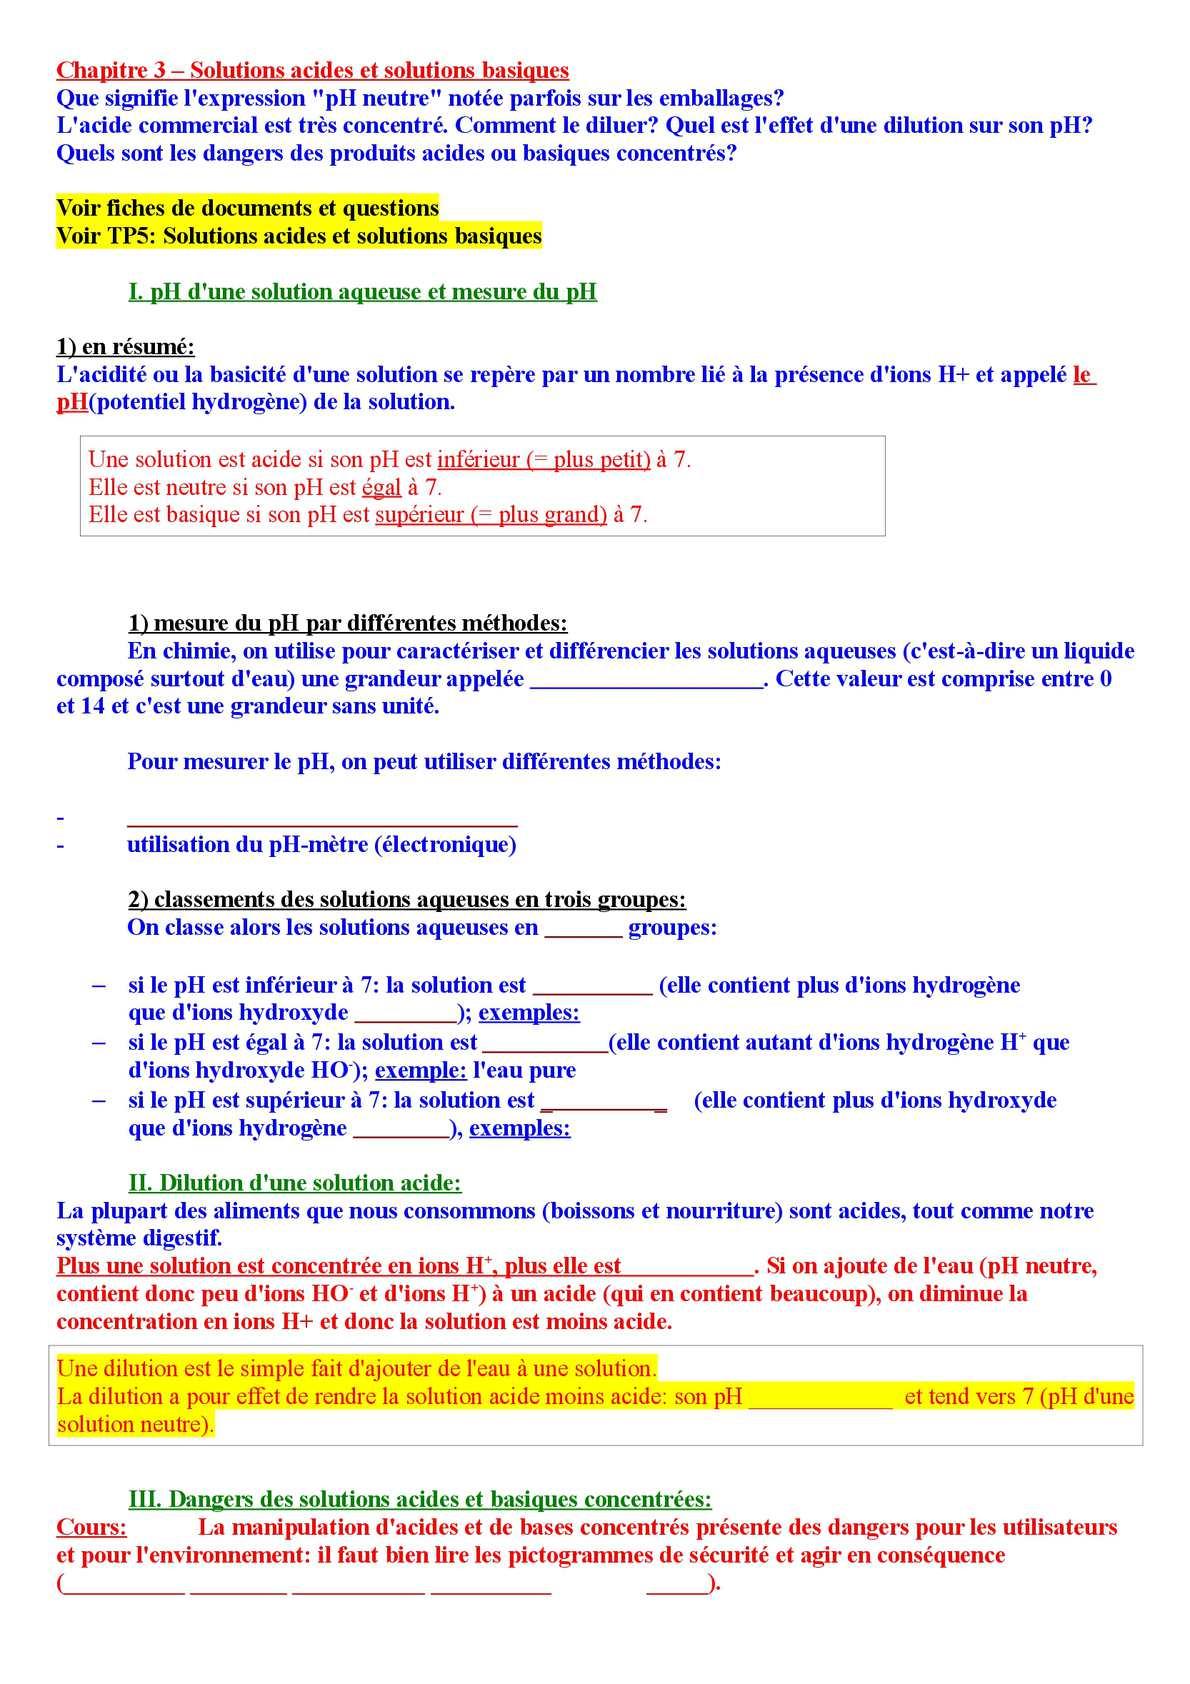 calam u00e9o - 3e - chapitre 3 - cours